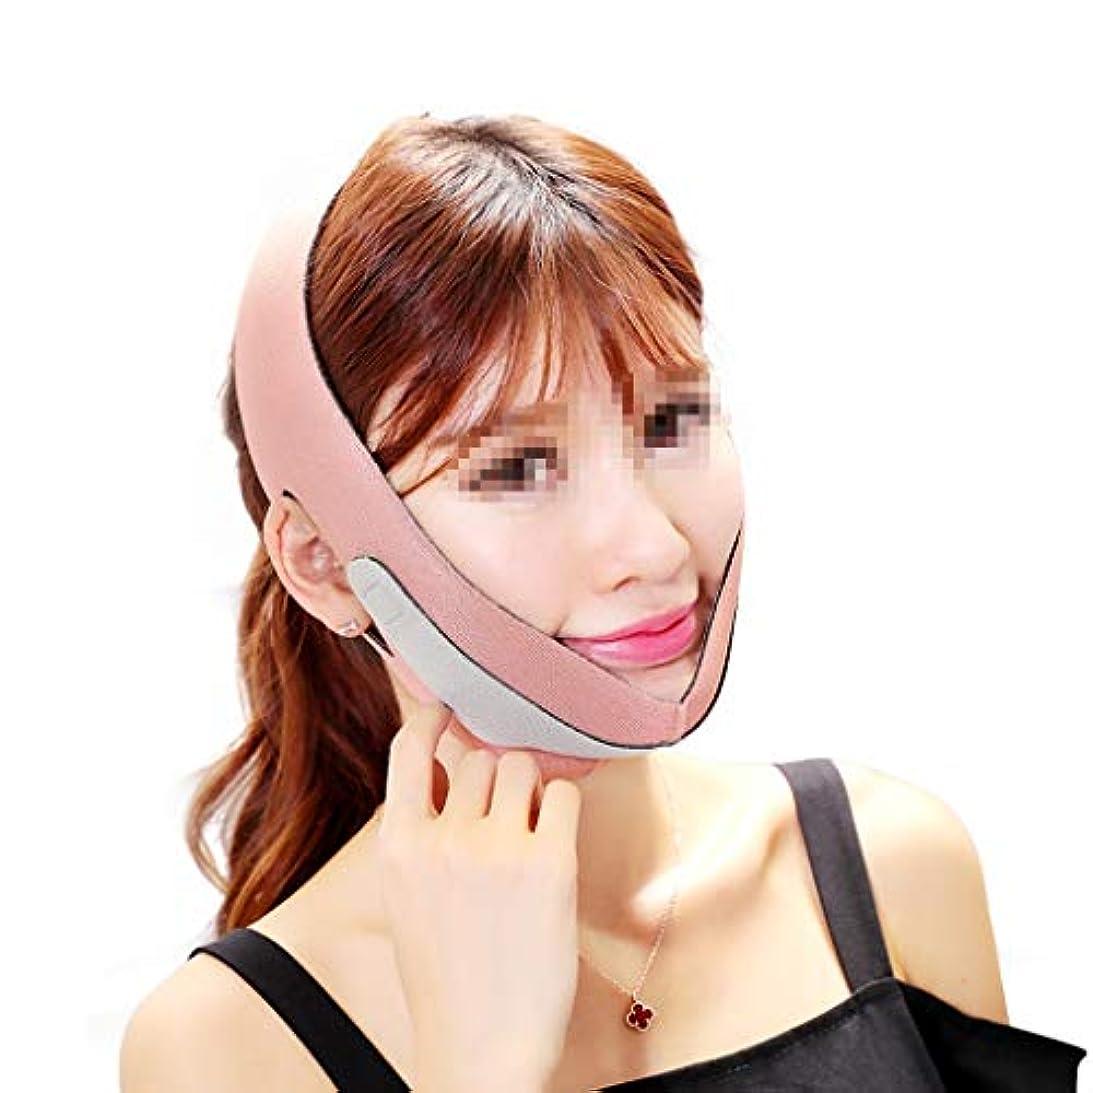 数織機歯XHLMRMJ フェイスリフトマスク、小さなVフェイス睡眠包帯マスクシンダブルチンリフト引き締め肌